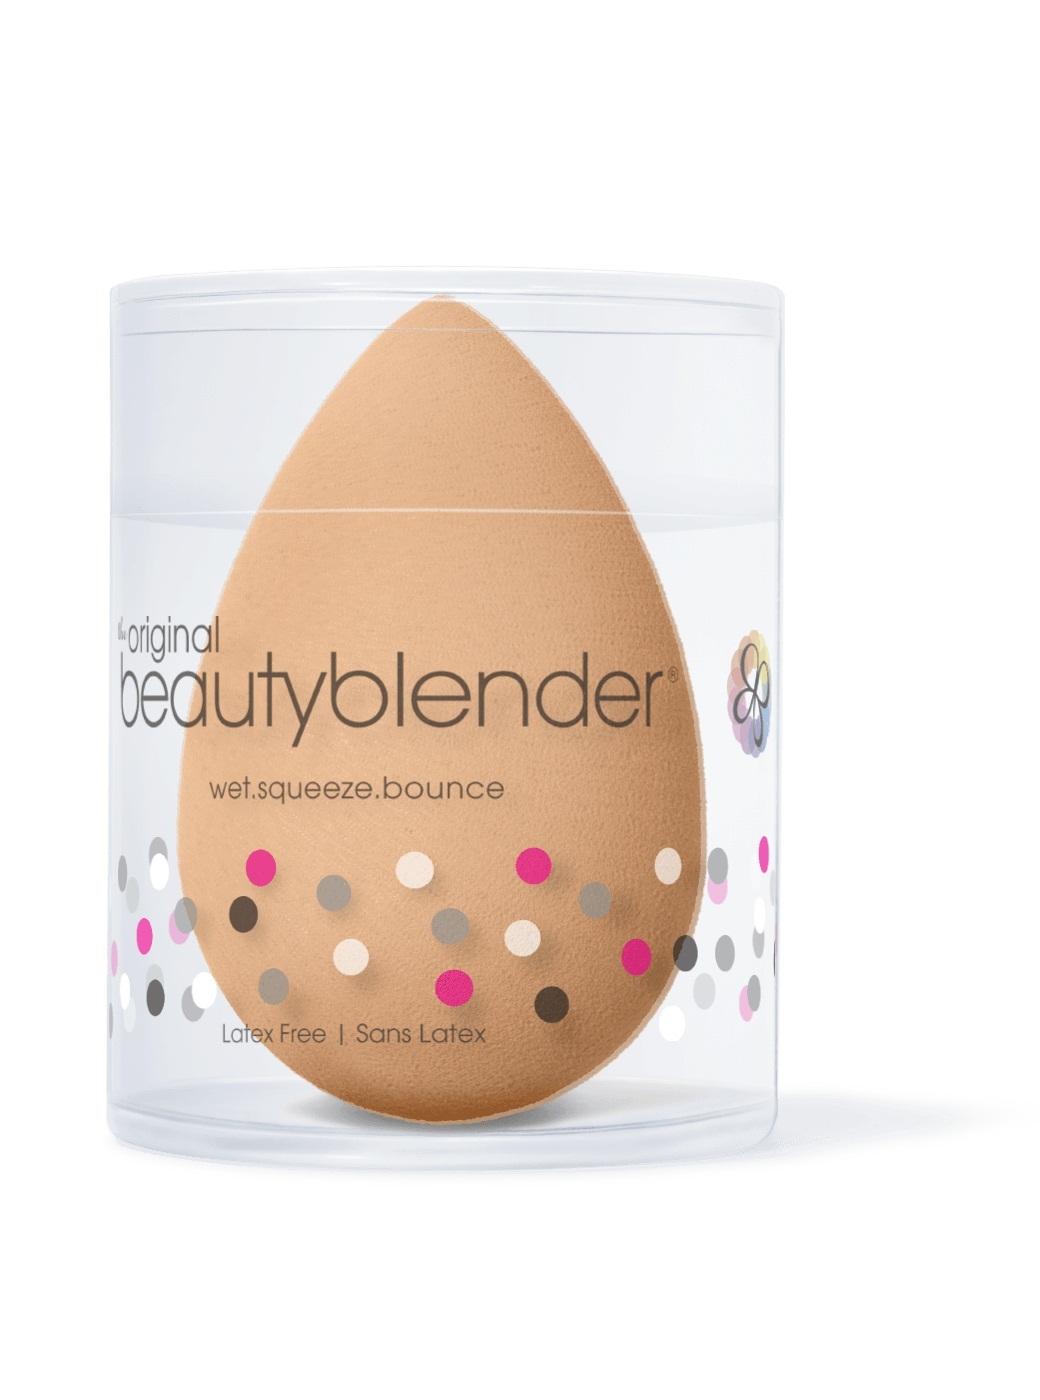 Beautyblender Nude.jpg